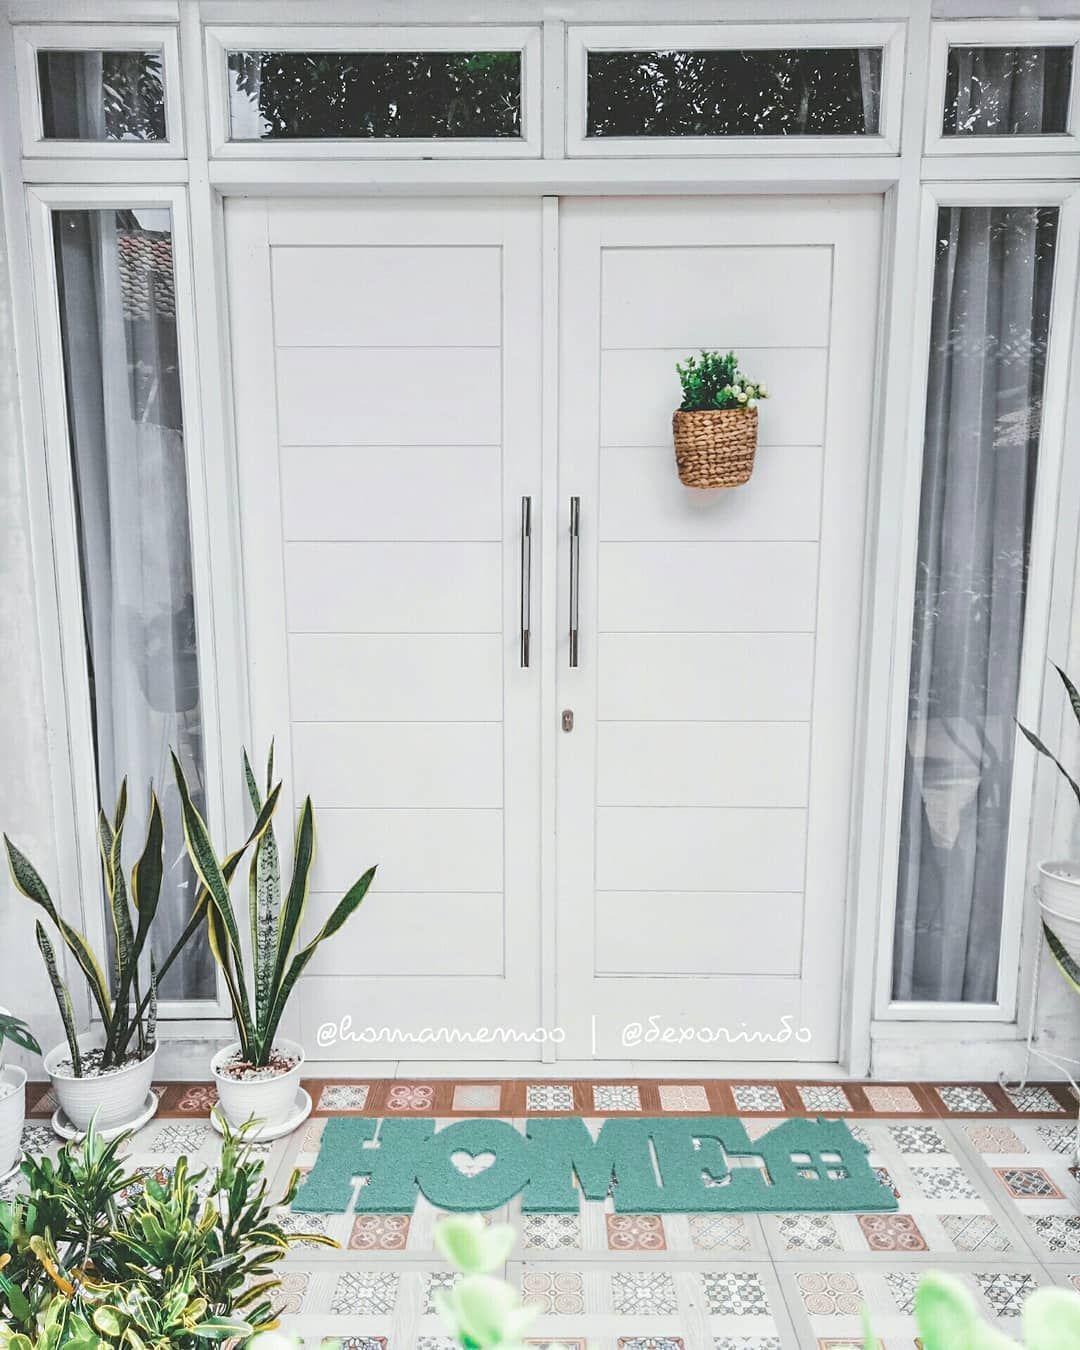 11 Model Pintu Rumah Minimalis 2 Pintu Terbaru 2020 Dekor Rumah Rumah Minimalis Rumah Fasad Rumah Modern